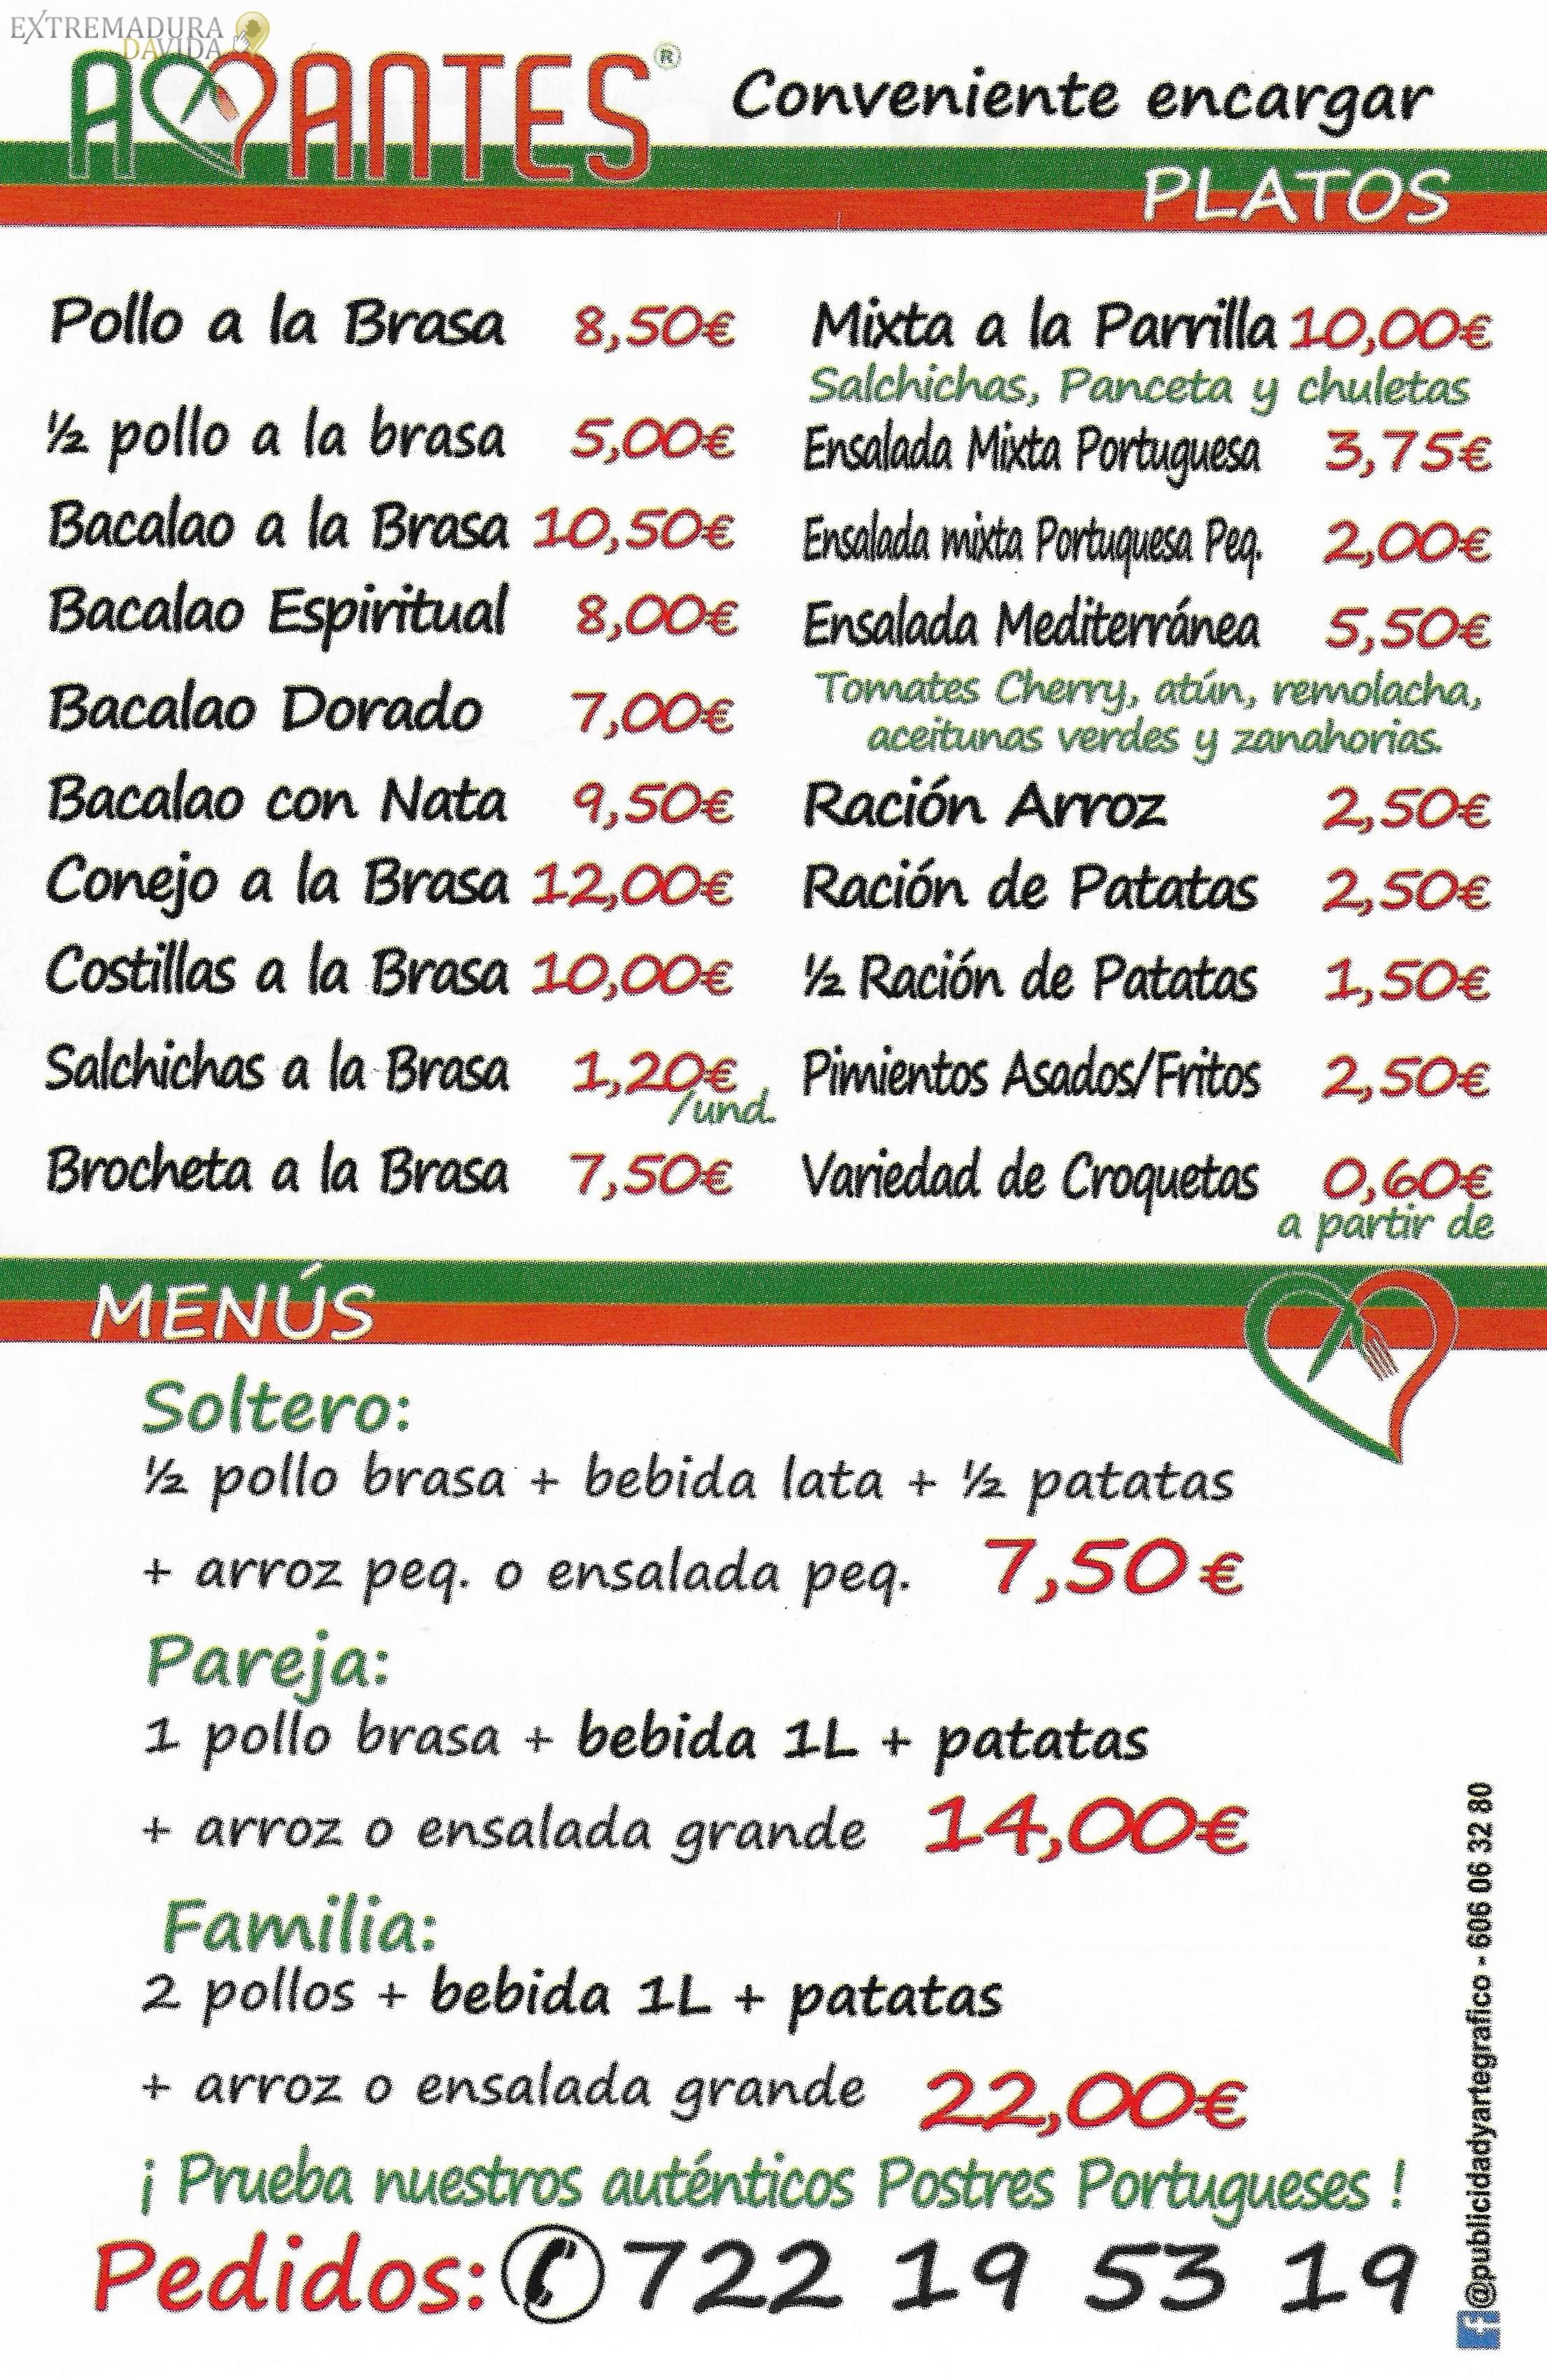 Pollos asados Merida Amantes de la comida Portuguesa